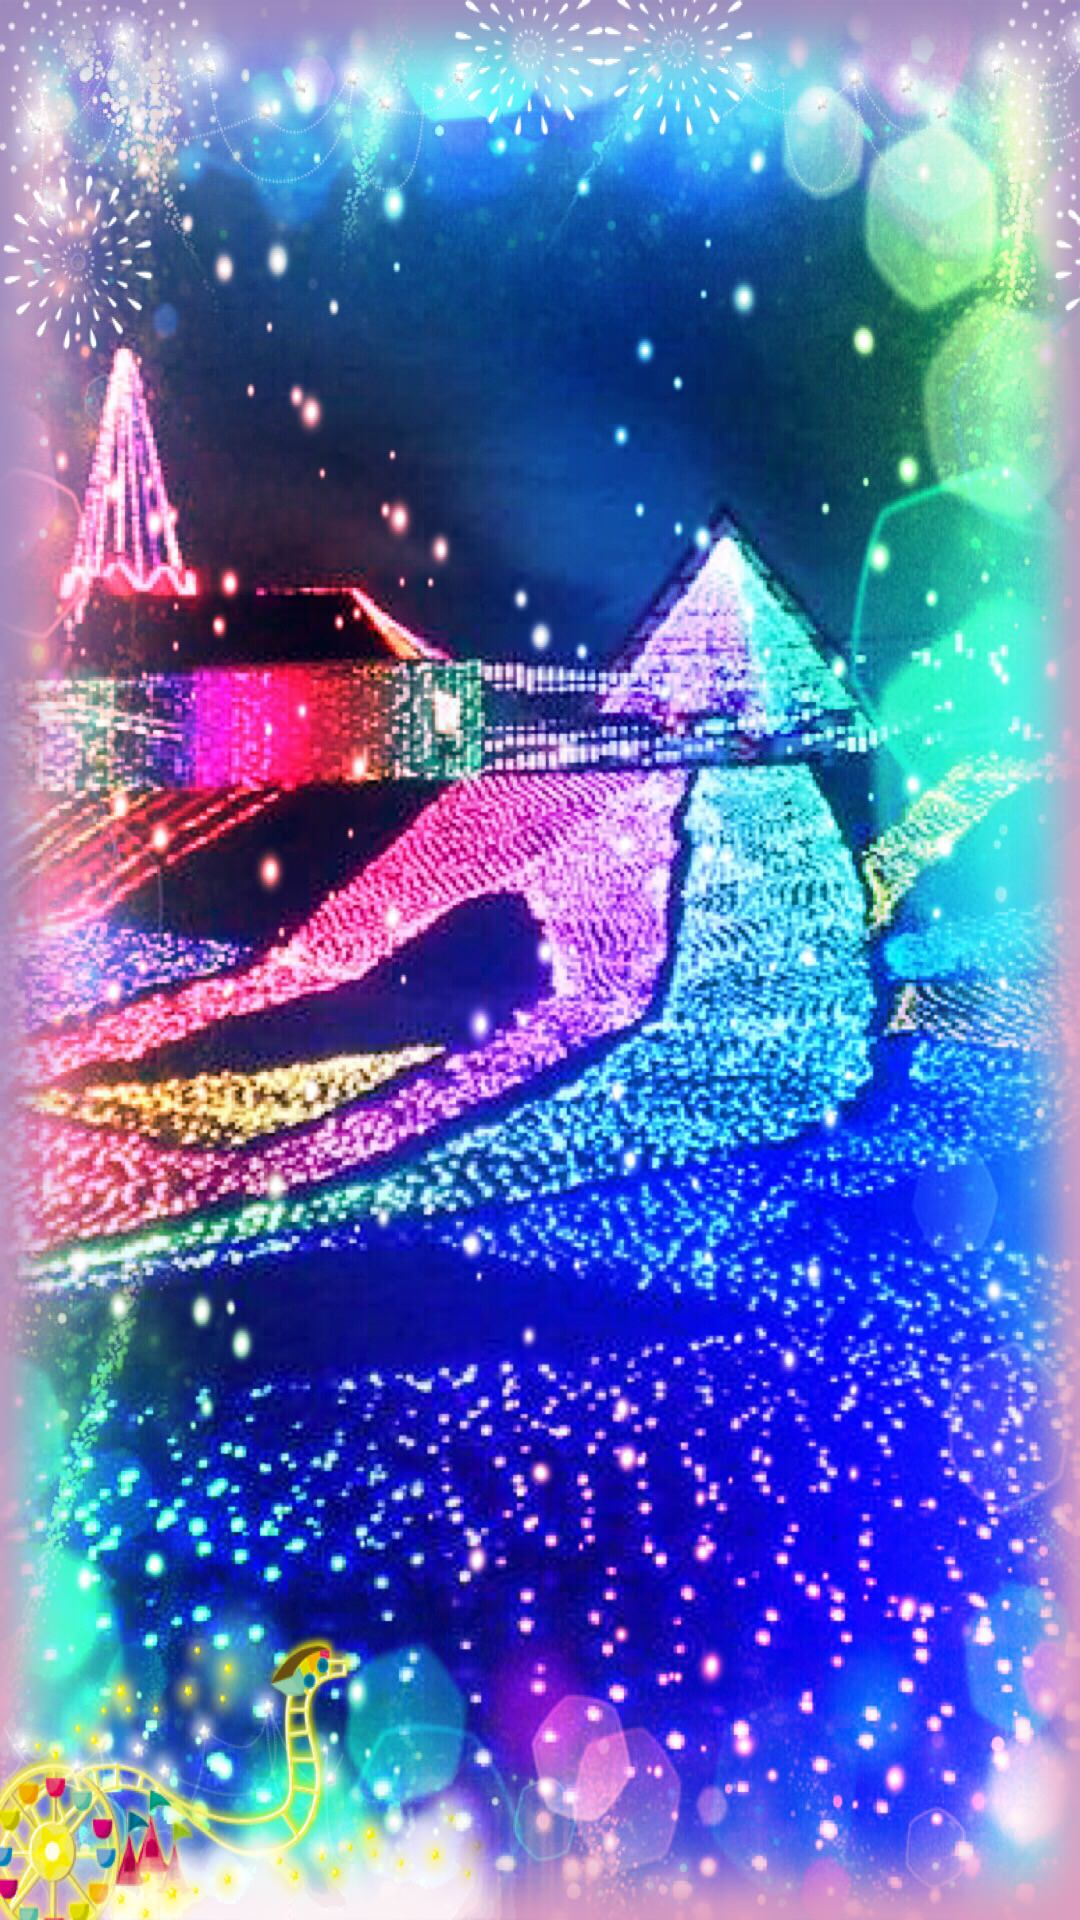 イルミネーション 夜景 Wallpaper Sc Iphone6splus壁紙